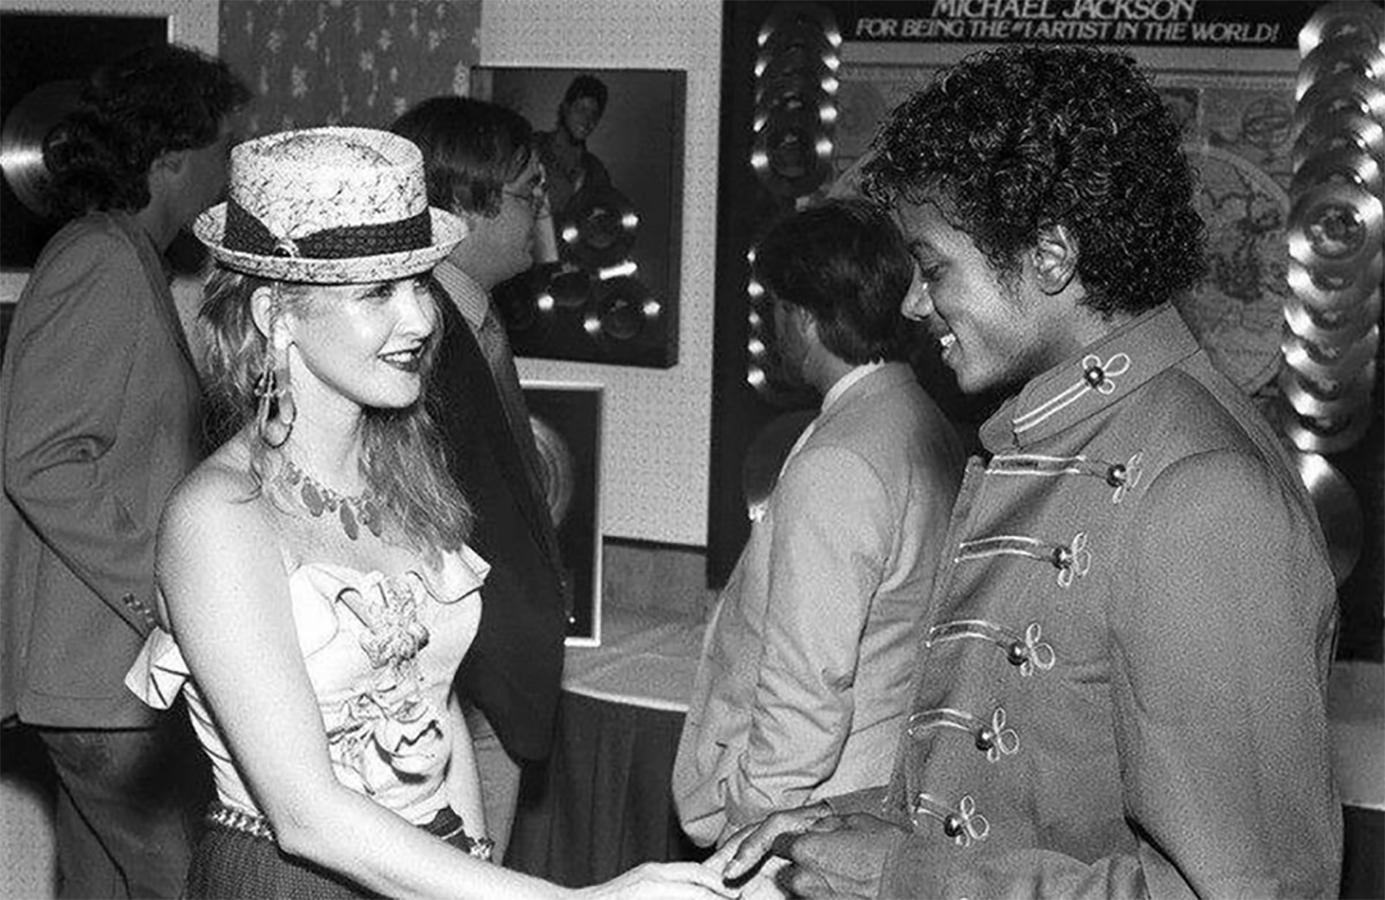 Cyndi Lauper Reflects On Michael Jackson